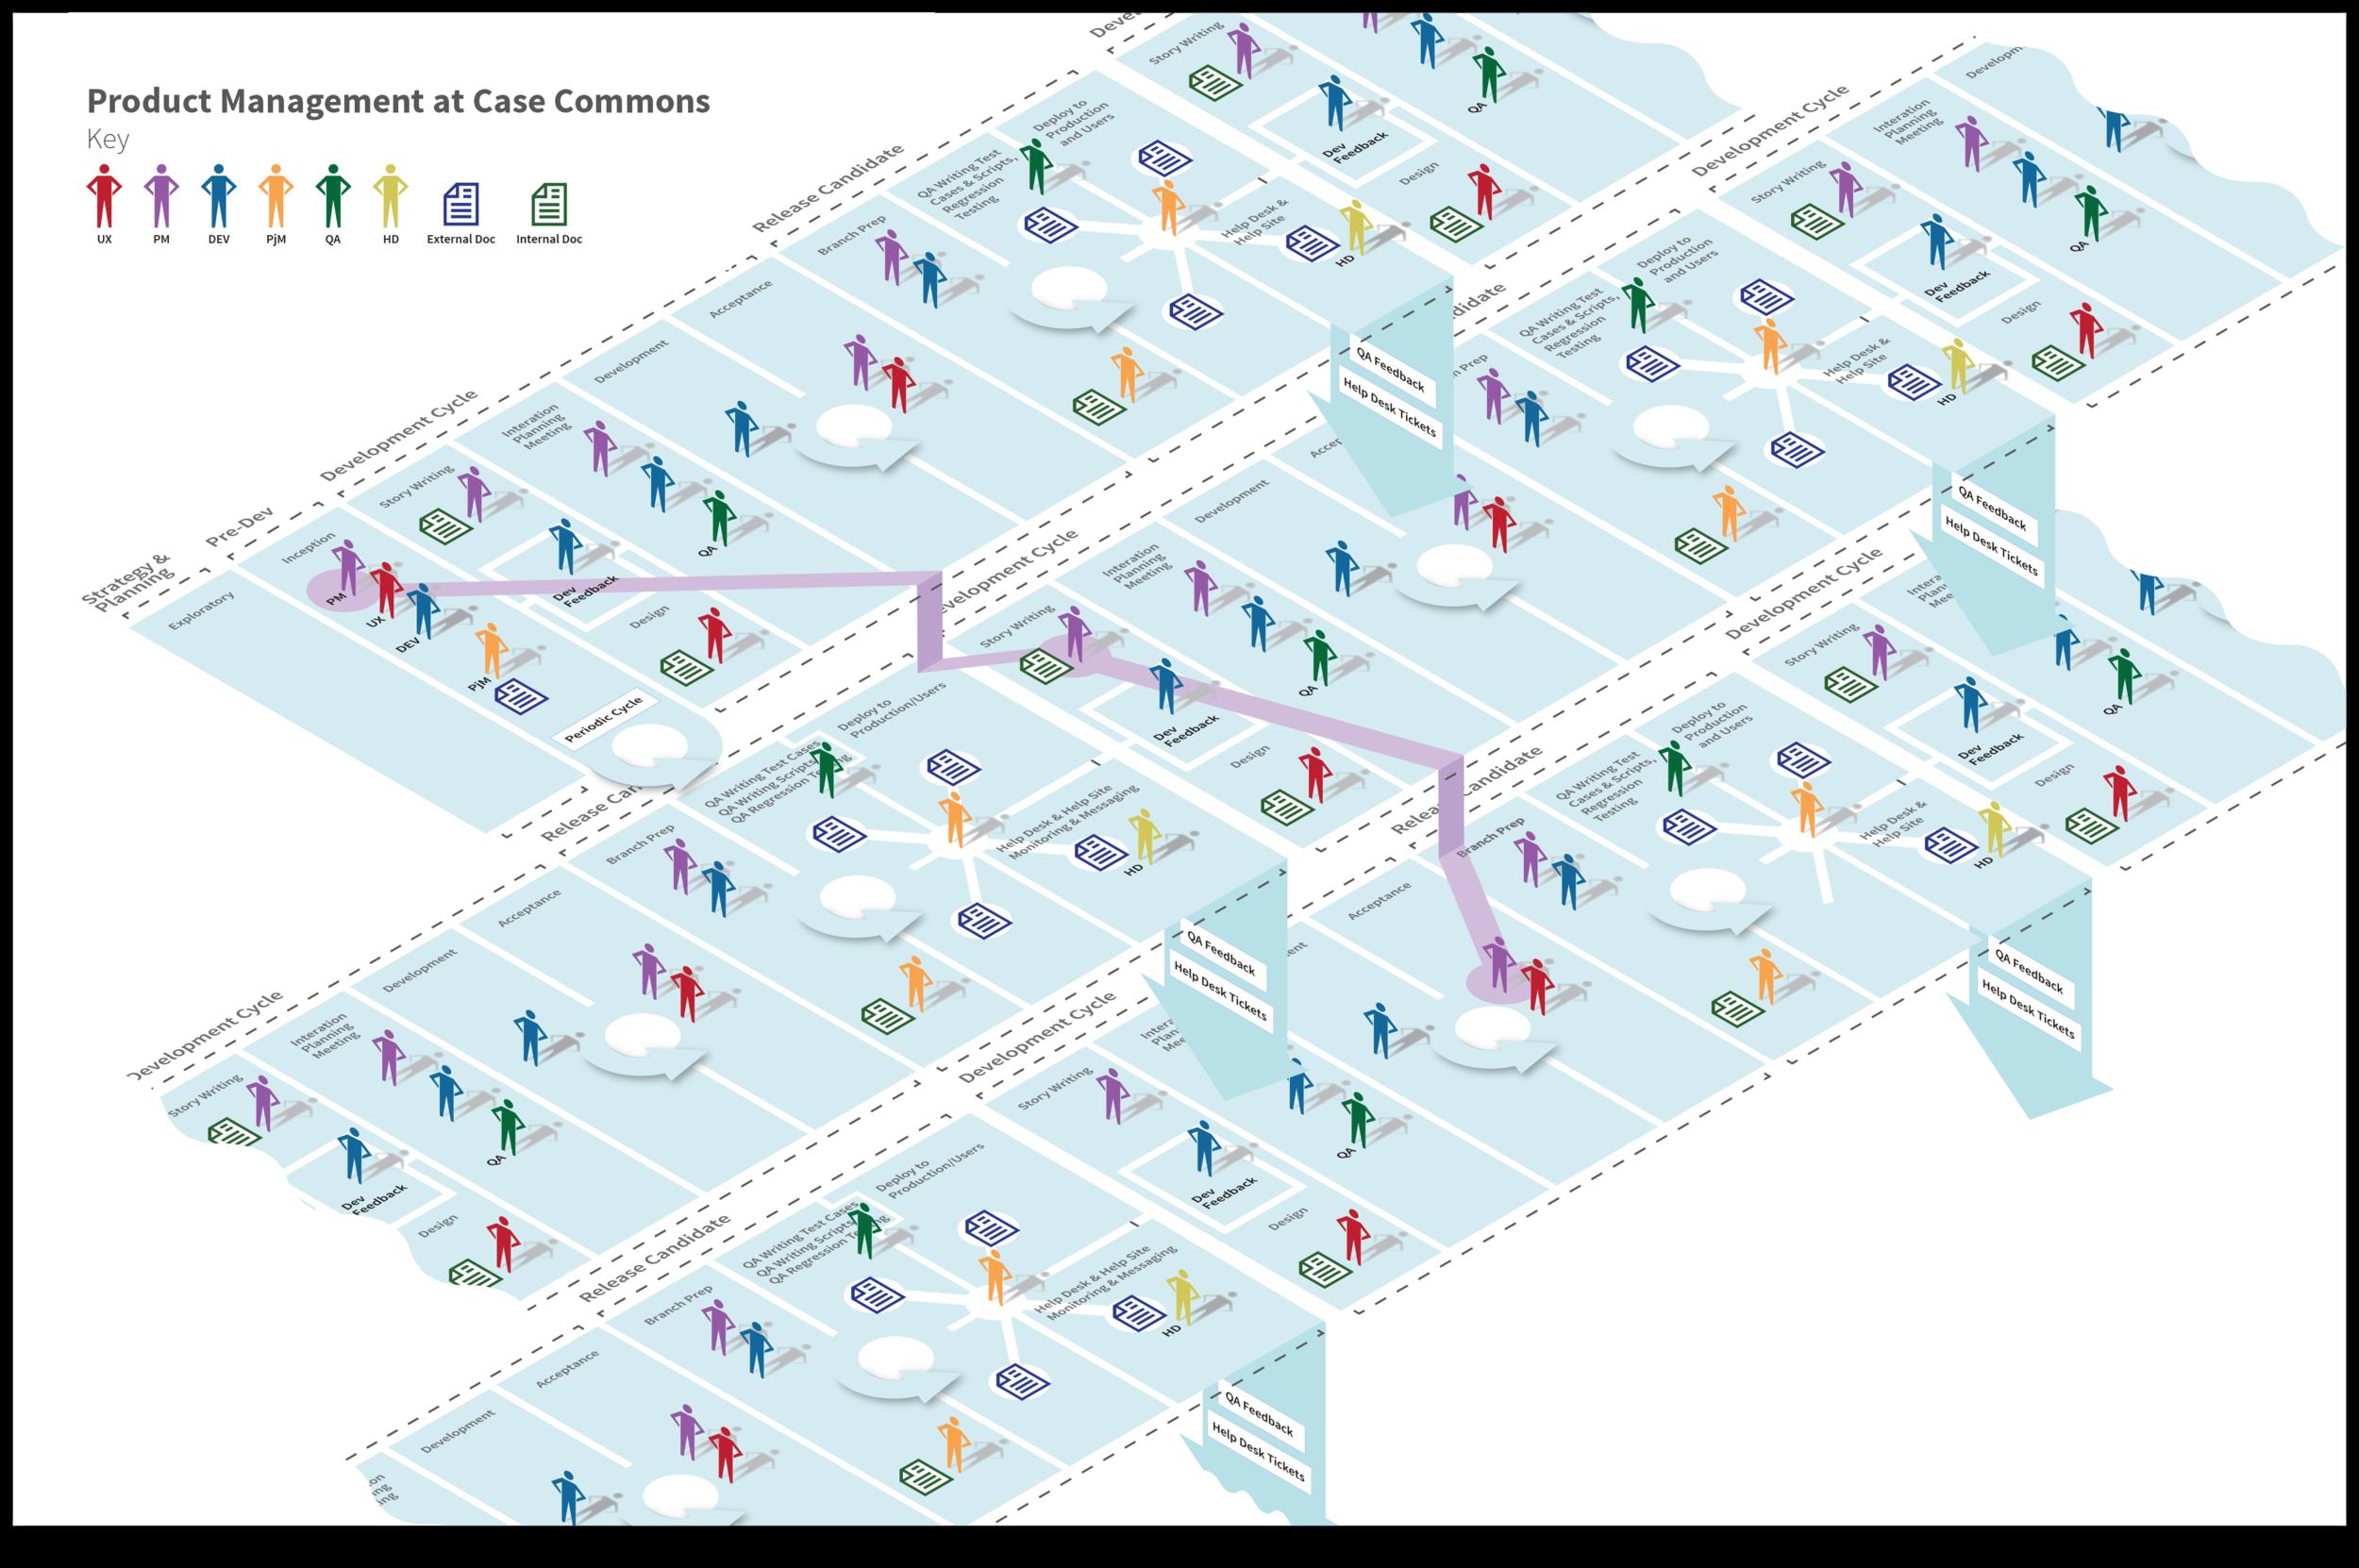 Case Commons Agile Process Diagram